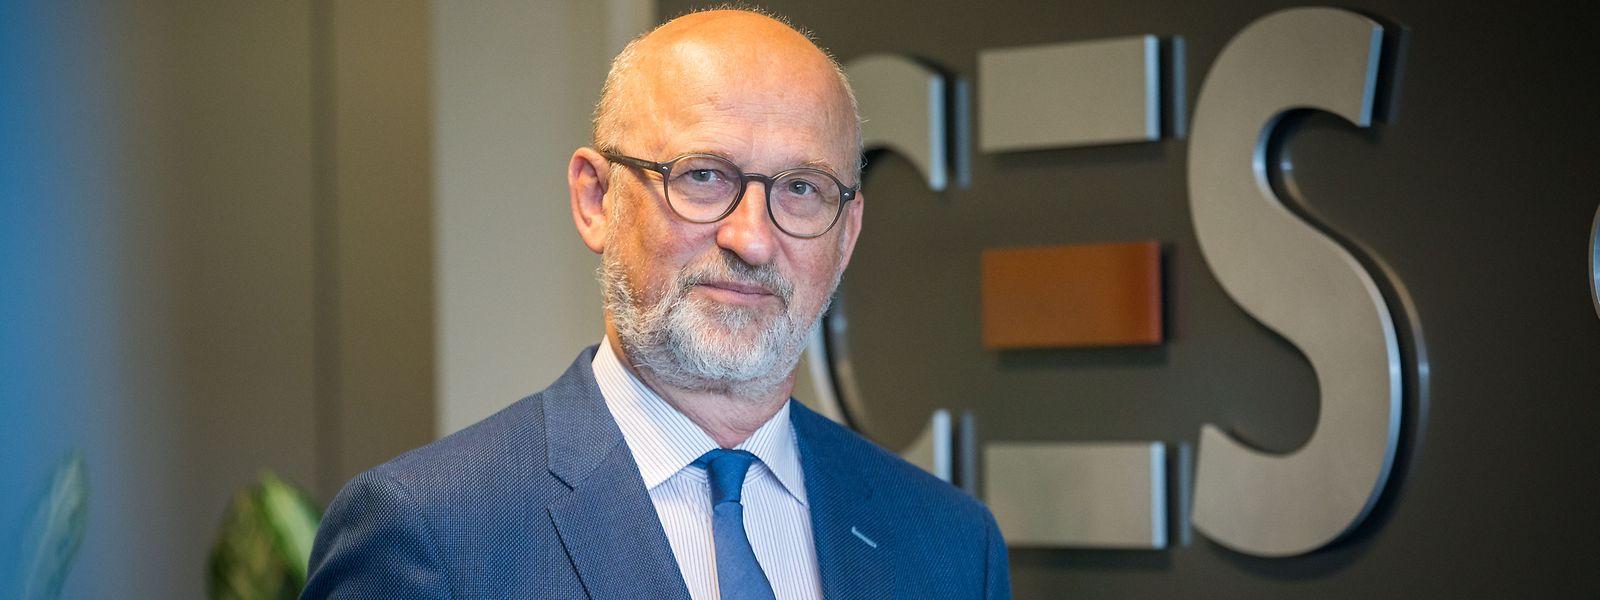 Jean-Jacques Rommes pense que «le nombre de personnes qui pratiquent le télétravail va continuer d'augmenter de manière significative»